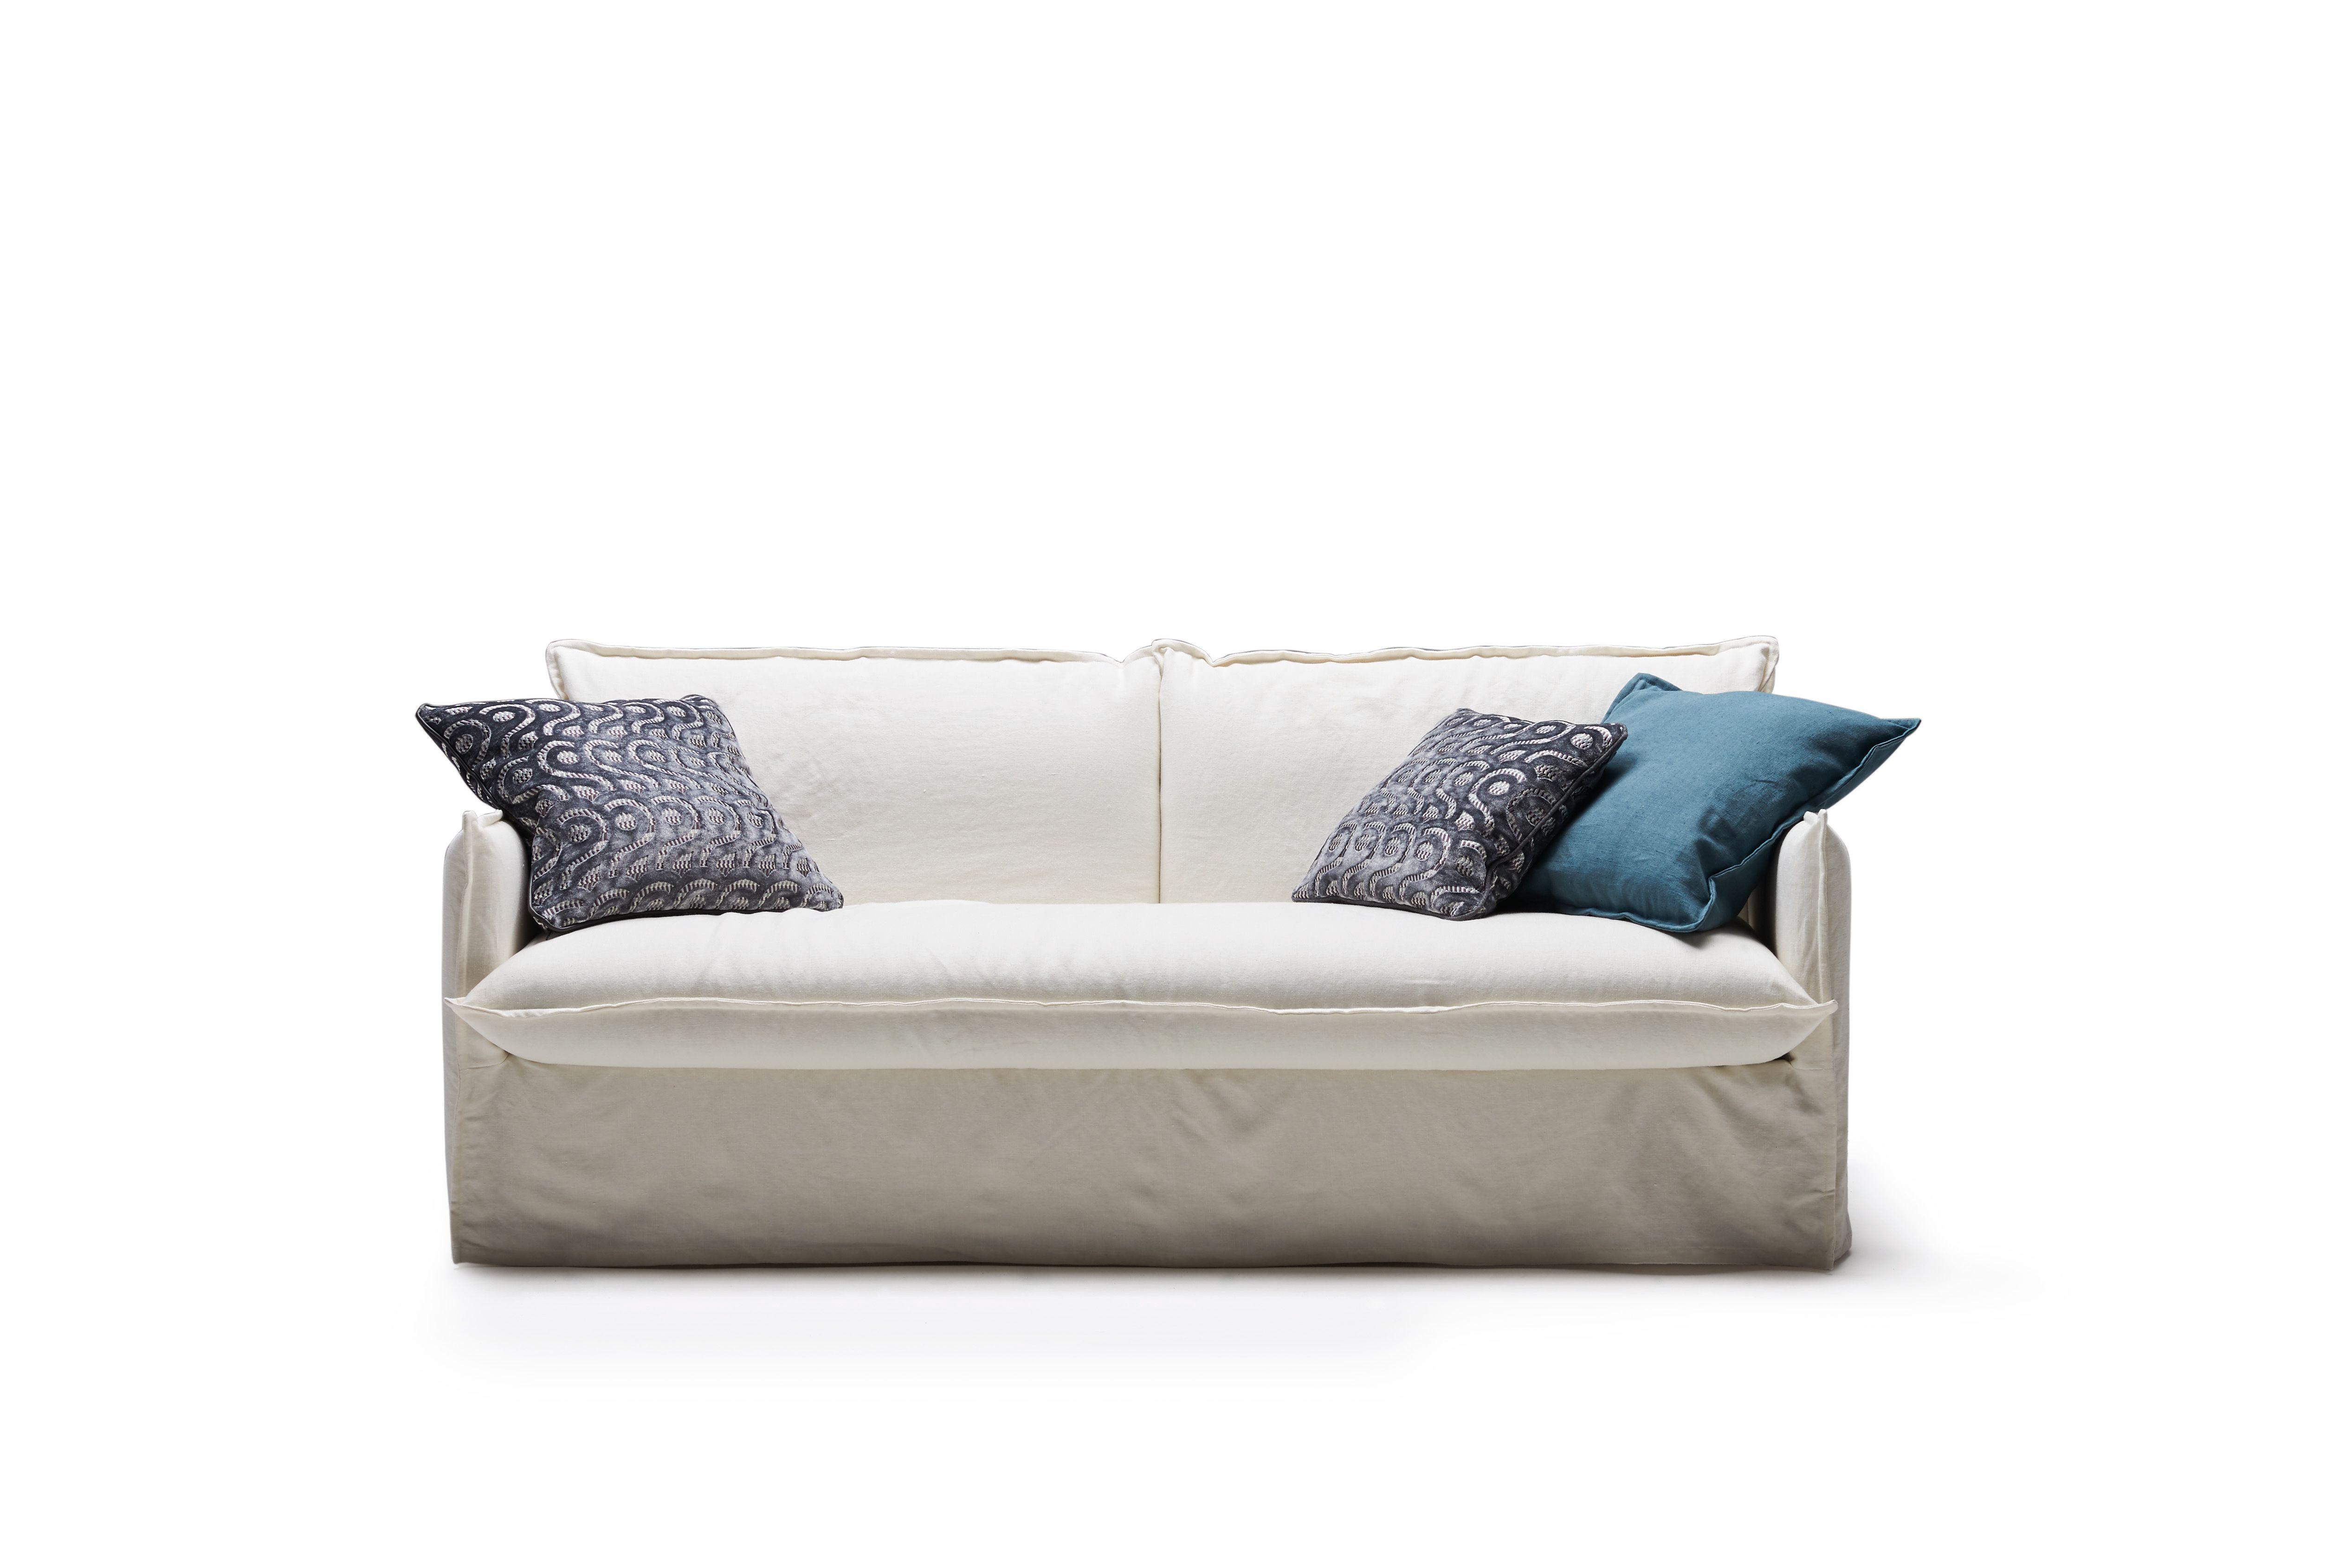 Clarke, sofa and sofa bed by Milano Bedding Divano letto